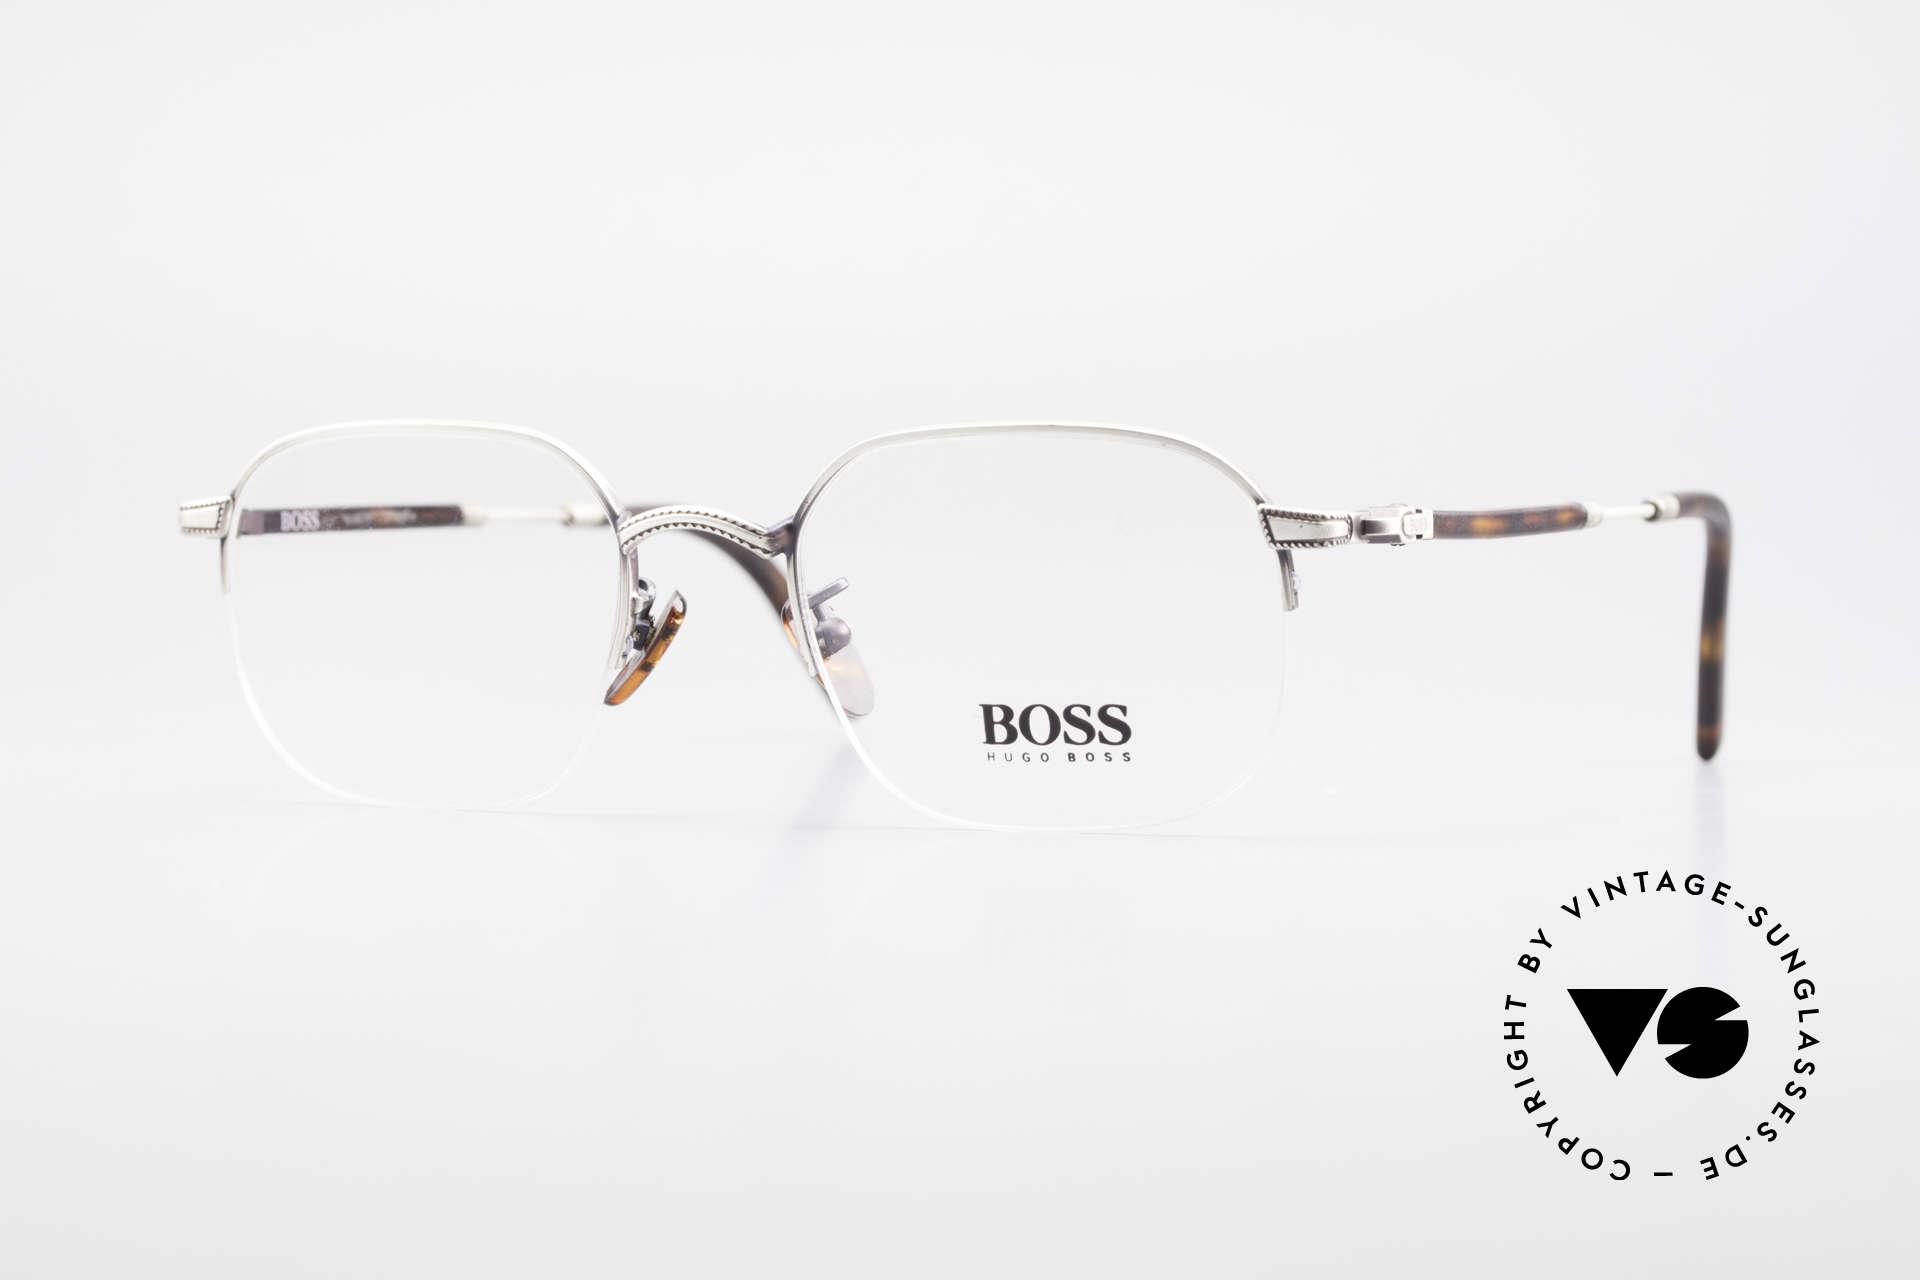 BOSS 4712 Klassische Herrenbrille 90er, klassische vintage Designer-Fassung von Hugo BOSS, Passend für Herren